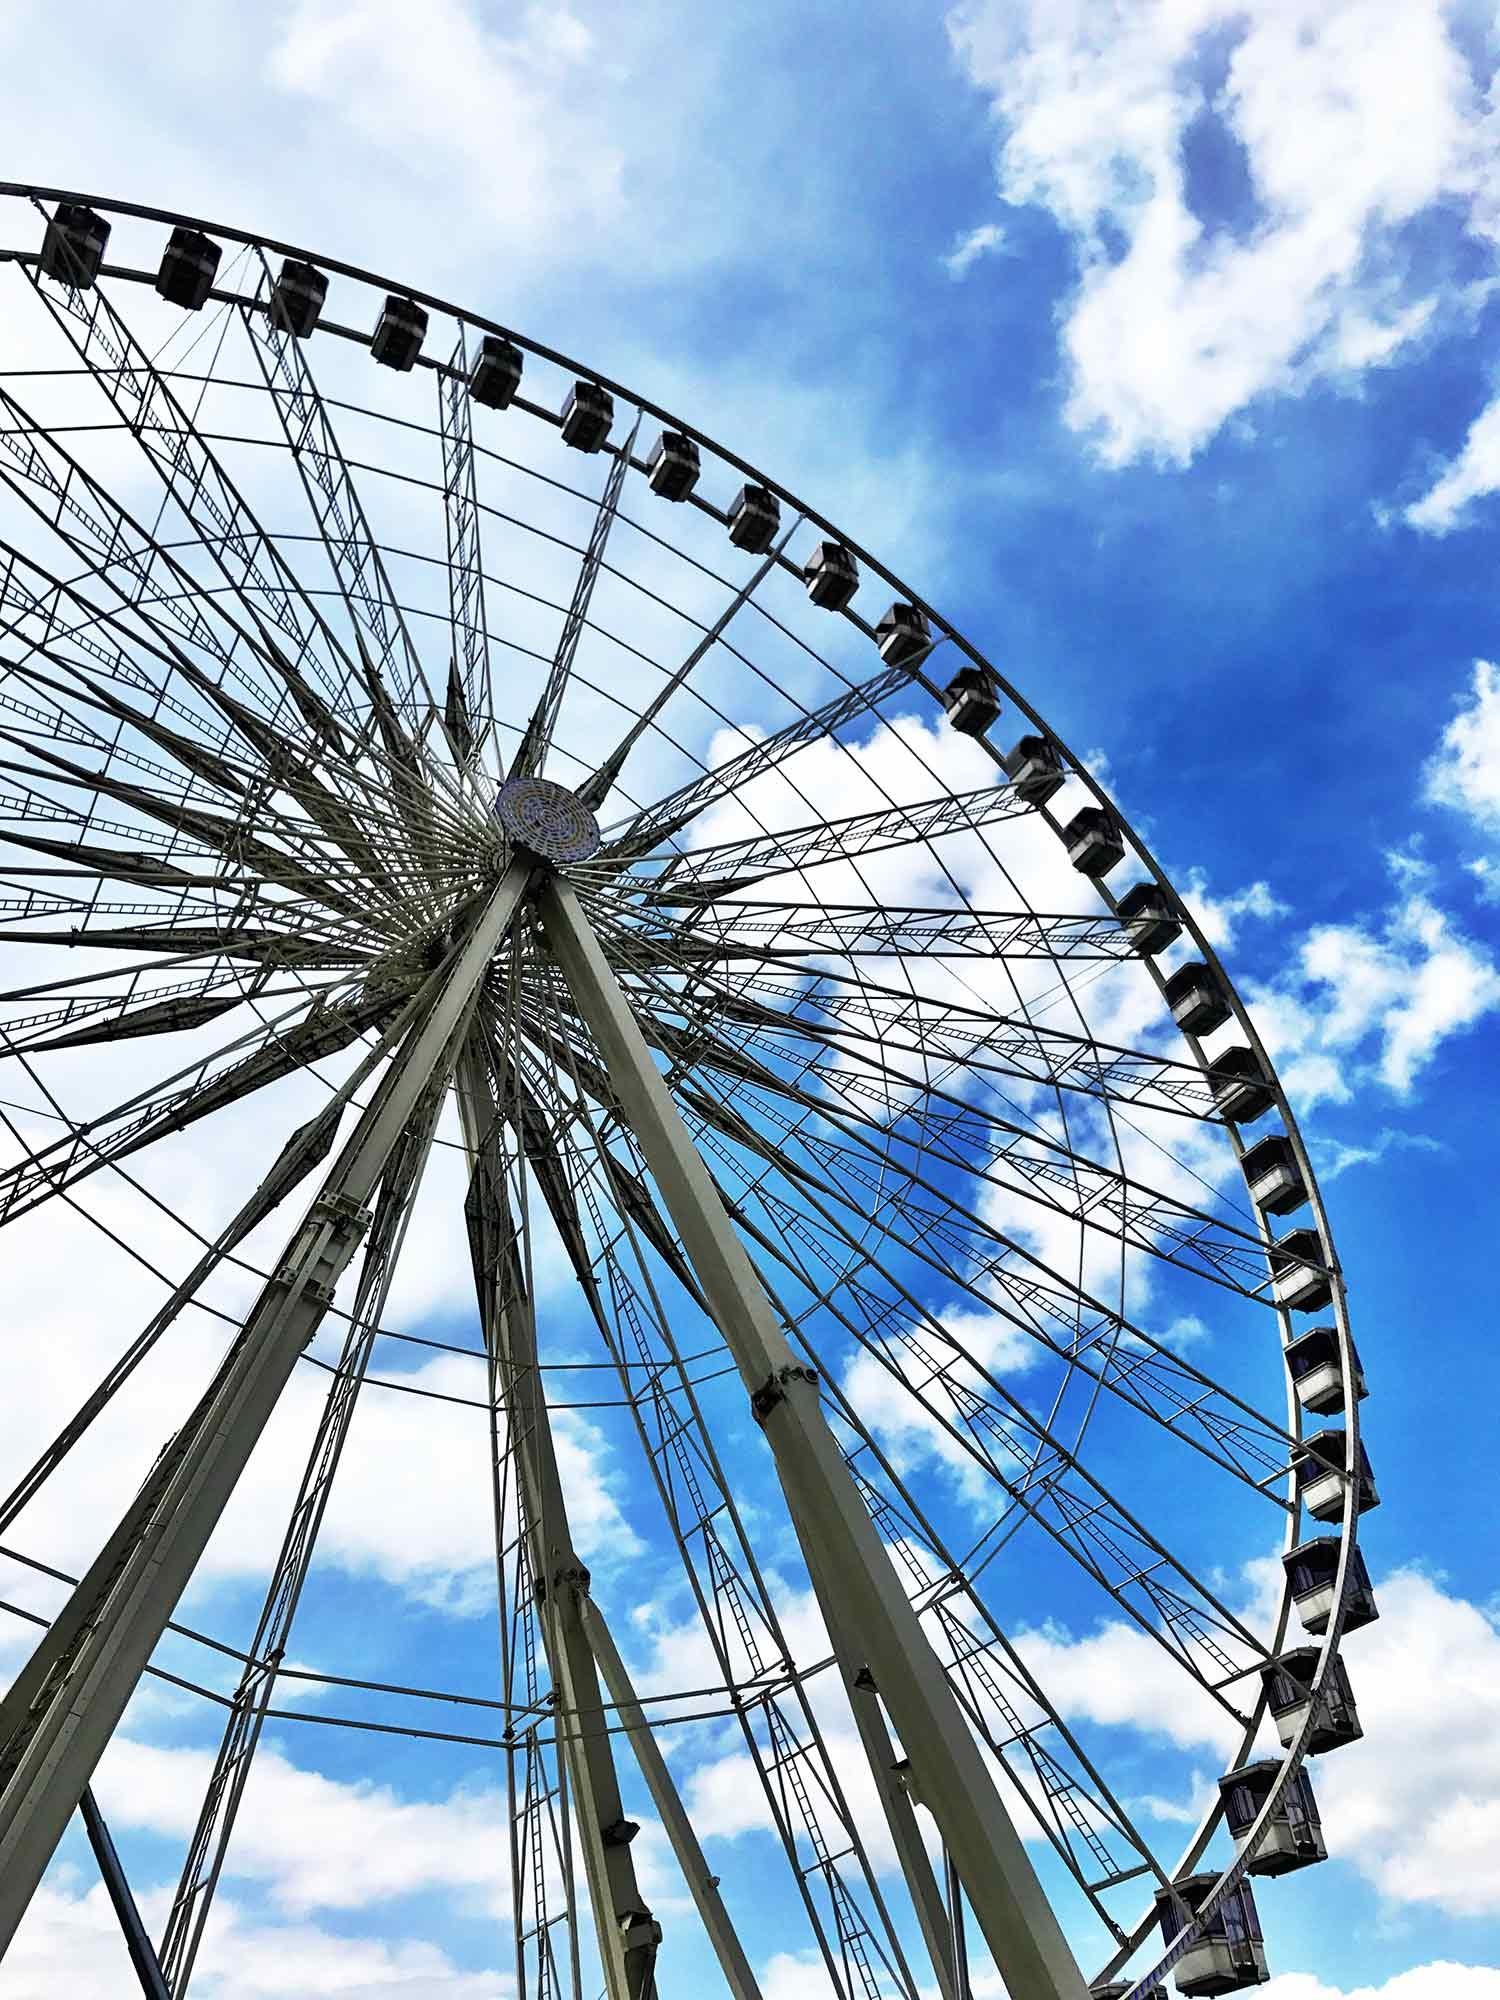 The Big Wheel at Place de la Concorde. December 2018